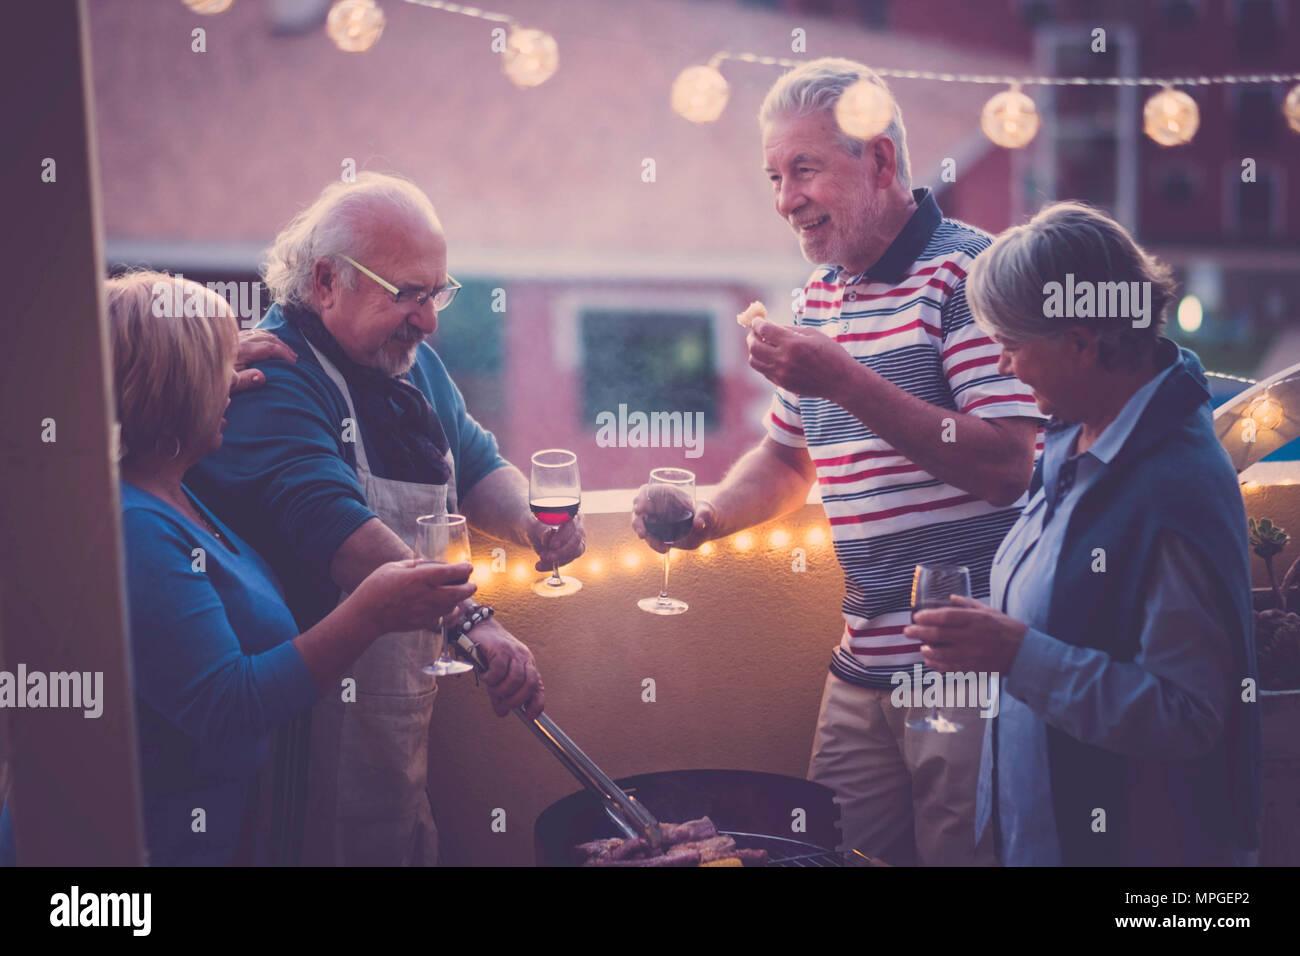 Grill BBQ und etwas Wein ein Ereignis zu feiern. Gruppe erwachsener Menschen genießen Sie Lebensstil im Freien auf der Terrasse mit Blick auf die Stadt Essen Essen und Wein zu trinken. Stockbild